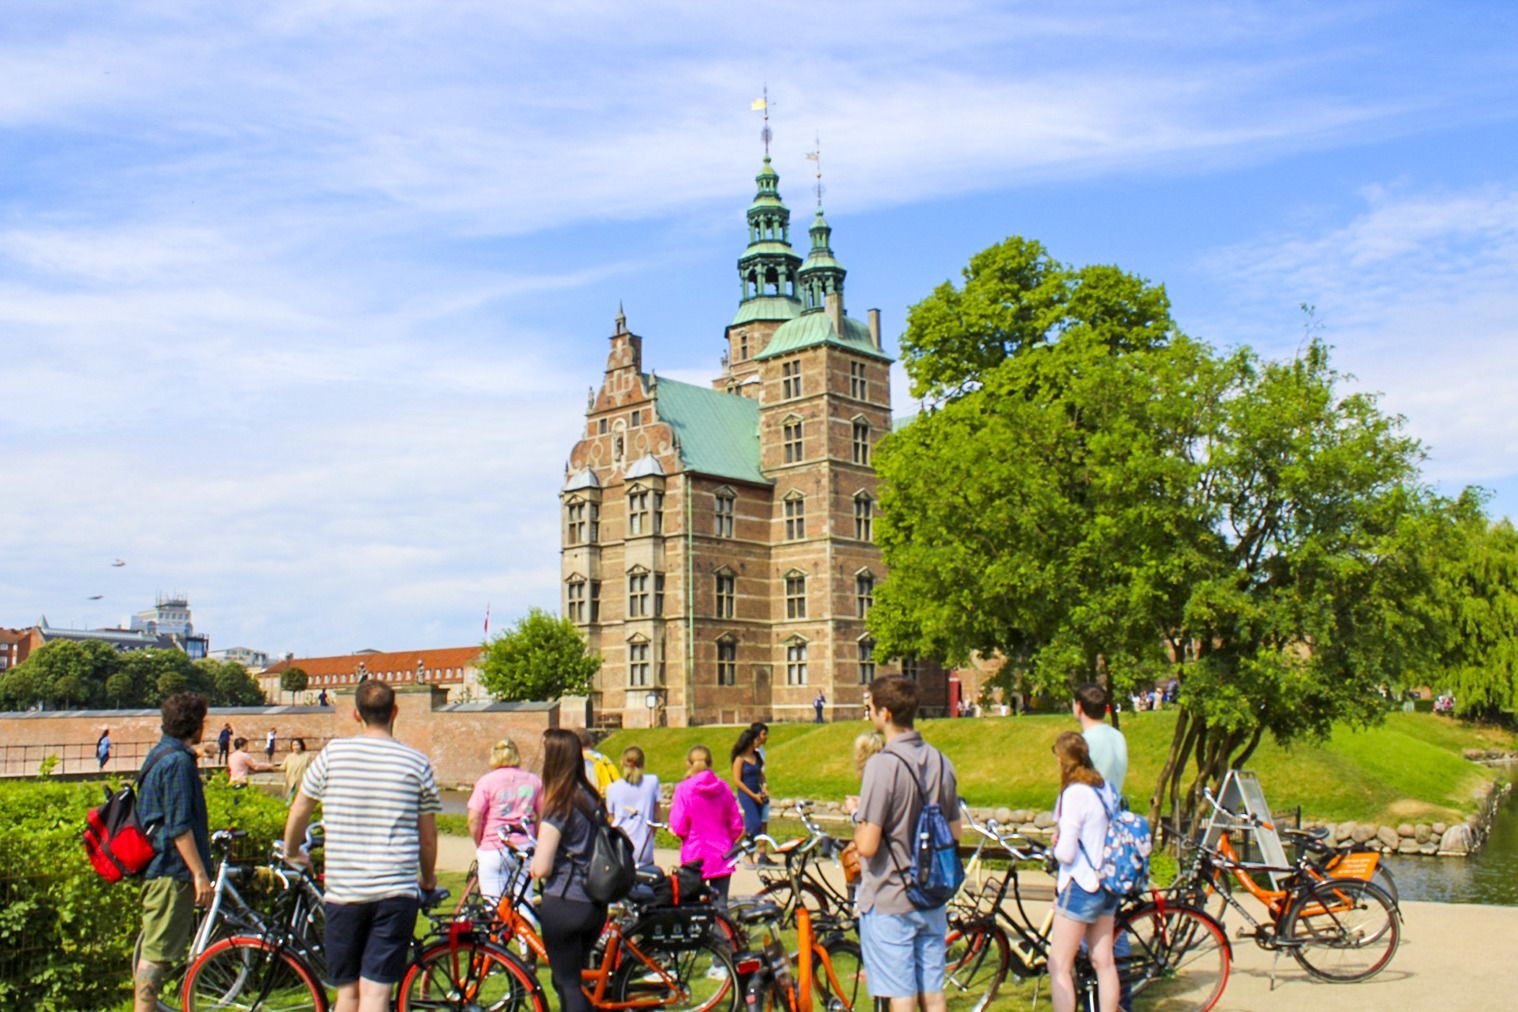 Group admires architecture in Copenhagens